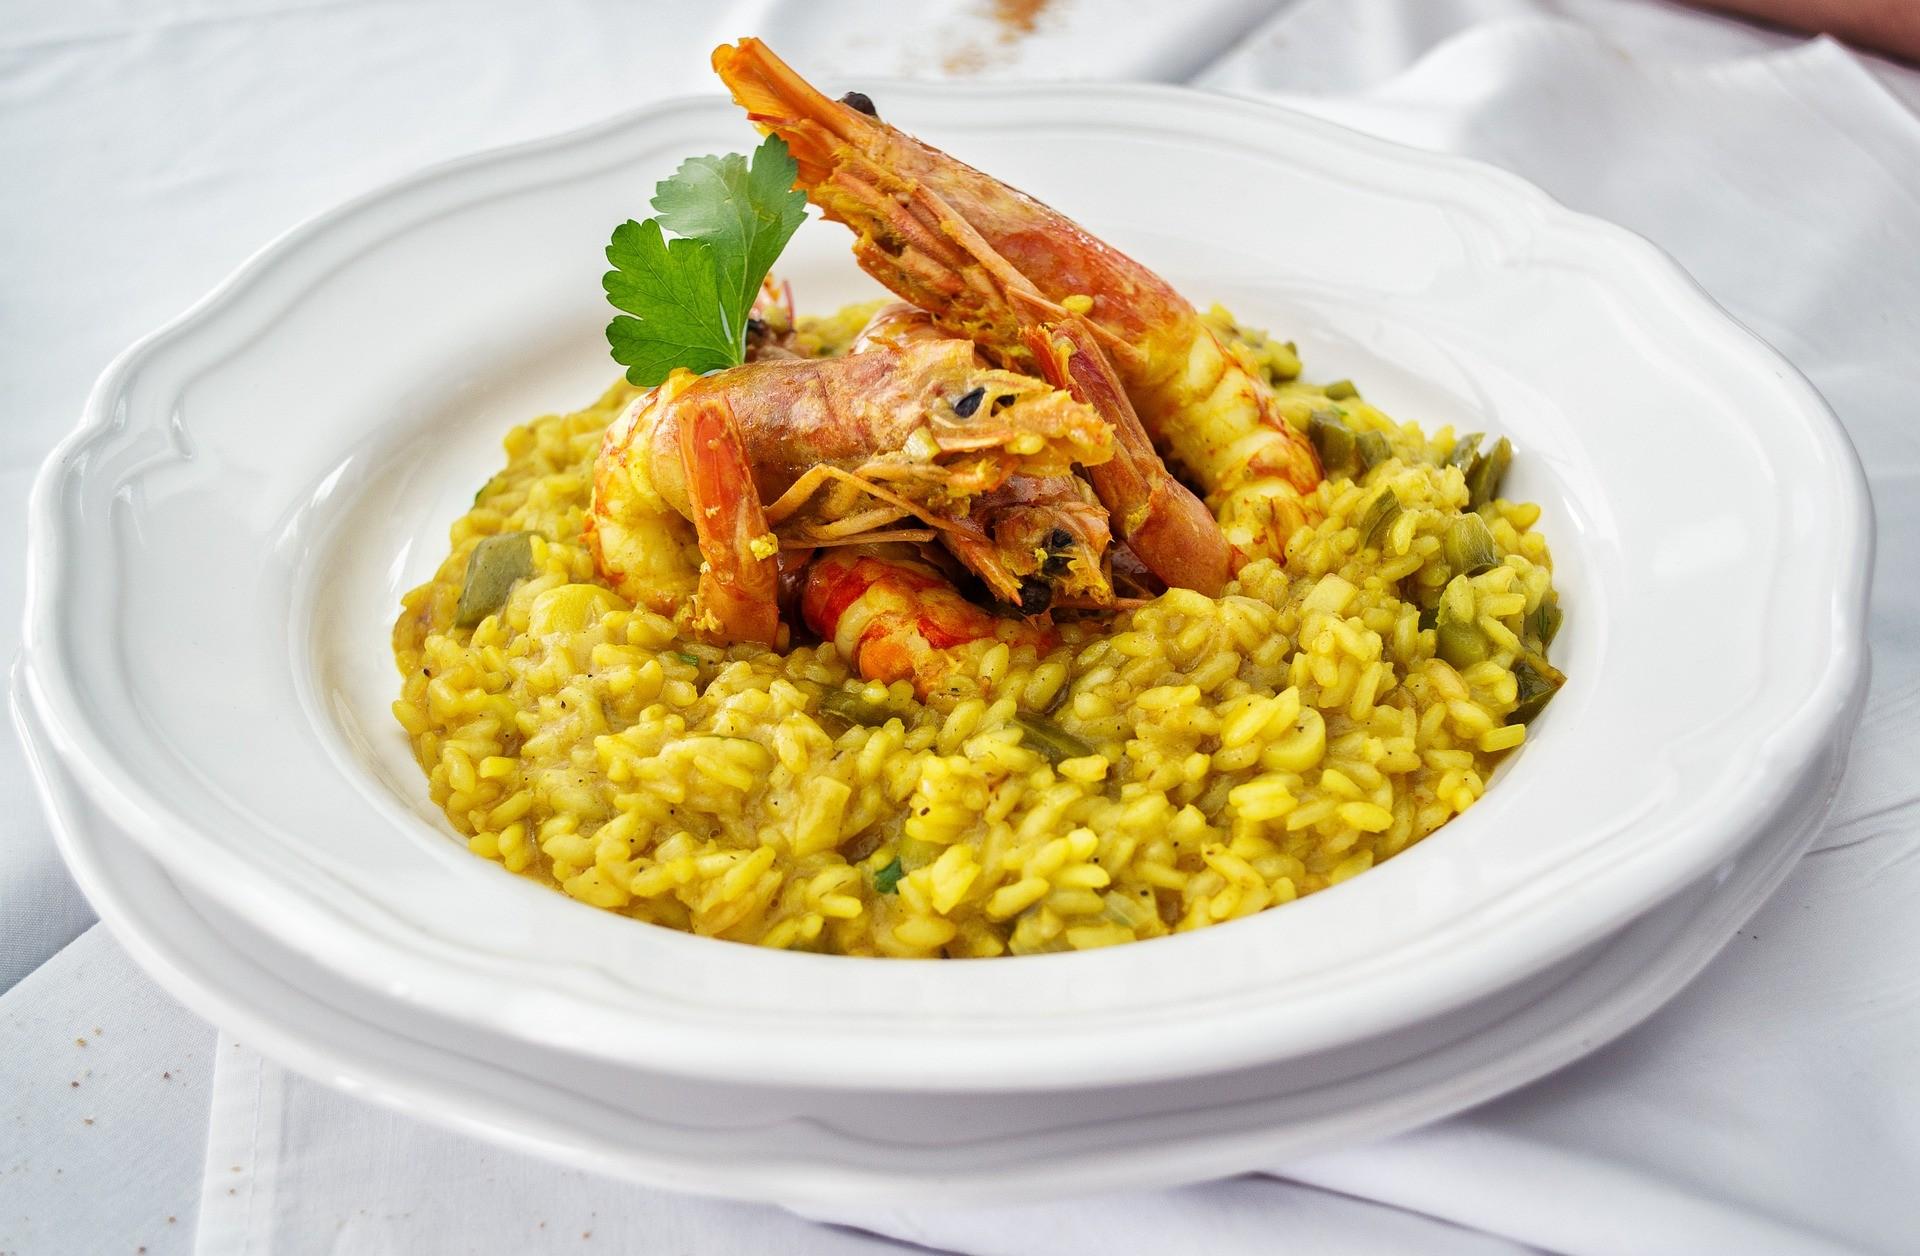 ▲西餐(燉飯)。(圖/取自免費圖庫pixabay)